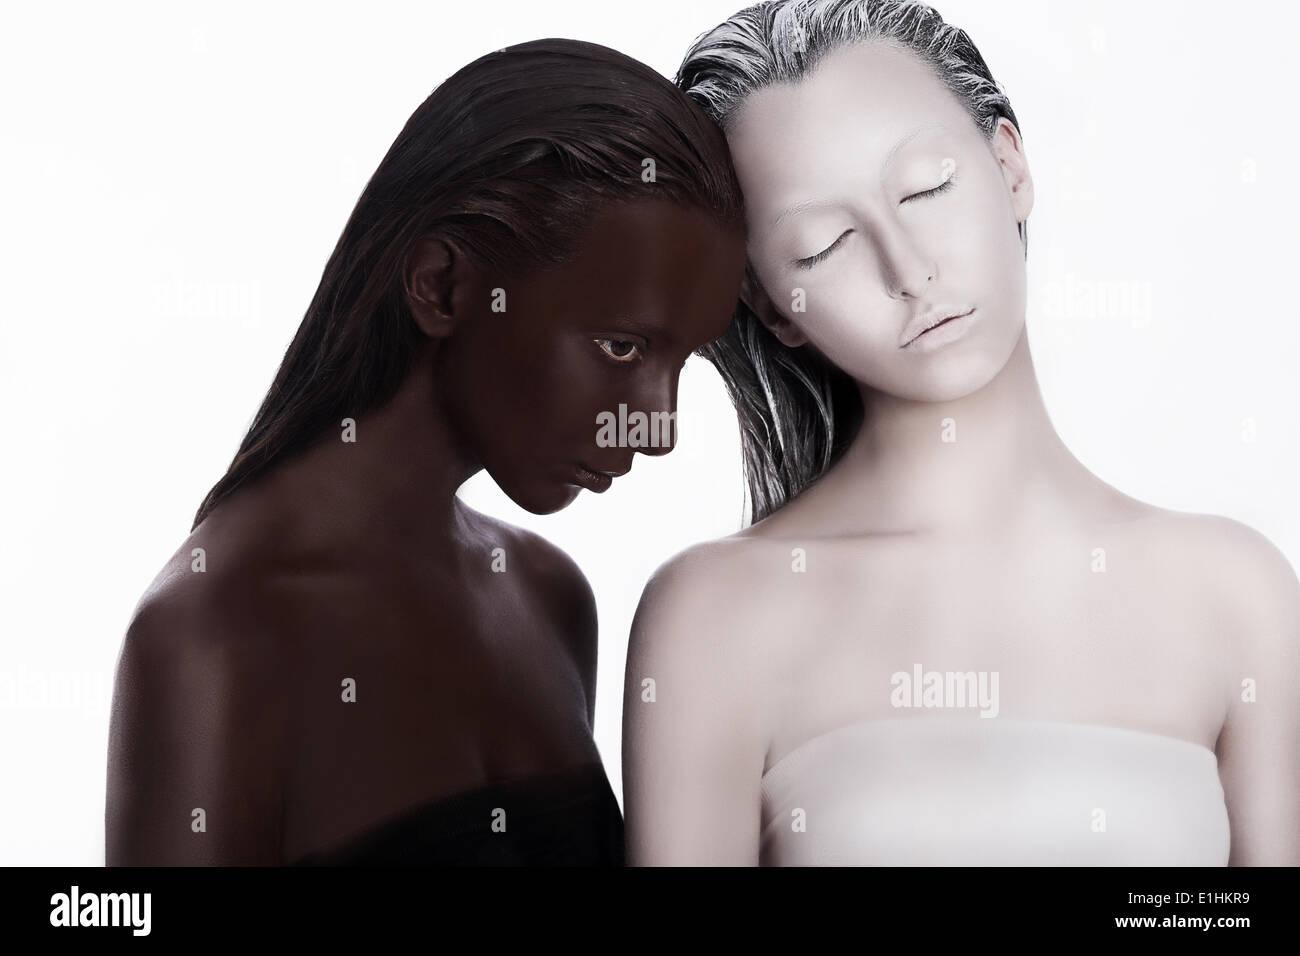 Concepto Multicultural multirracial. La etnicidad. Las mujeres de color marrón y blanco. La devoción Imagen De Stock